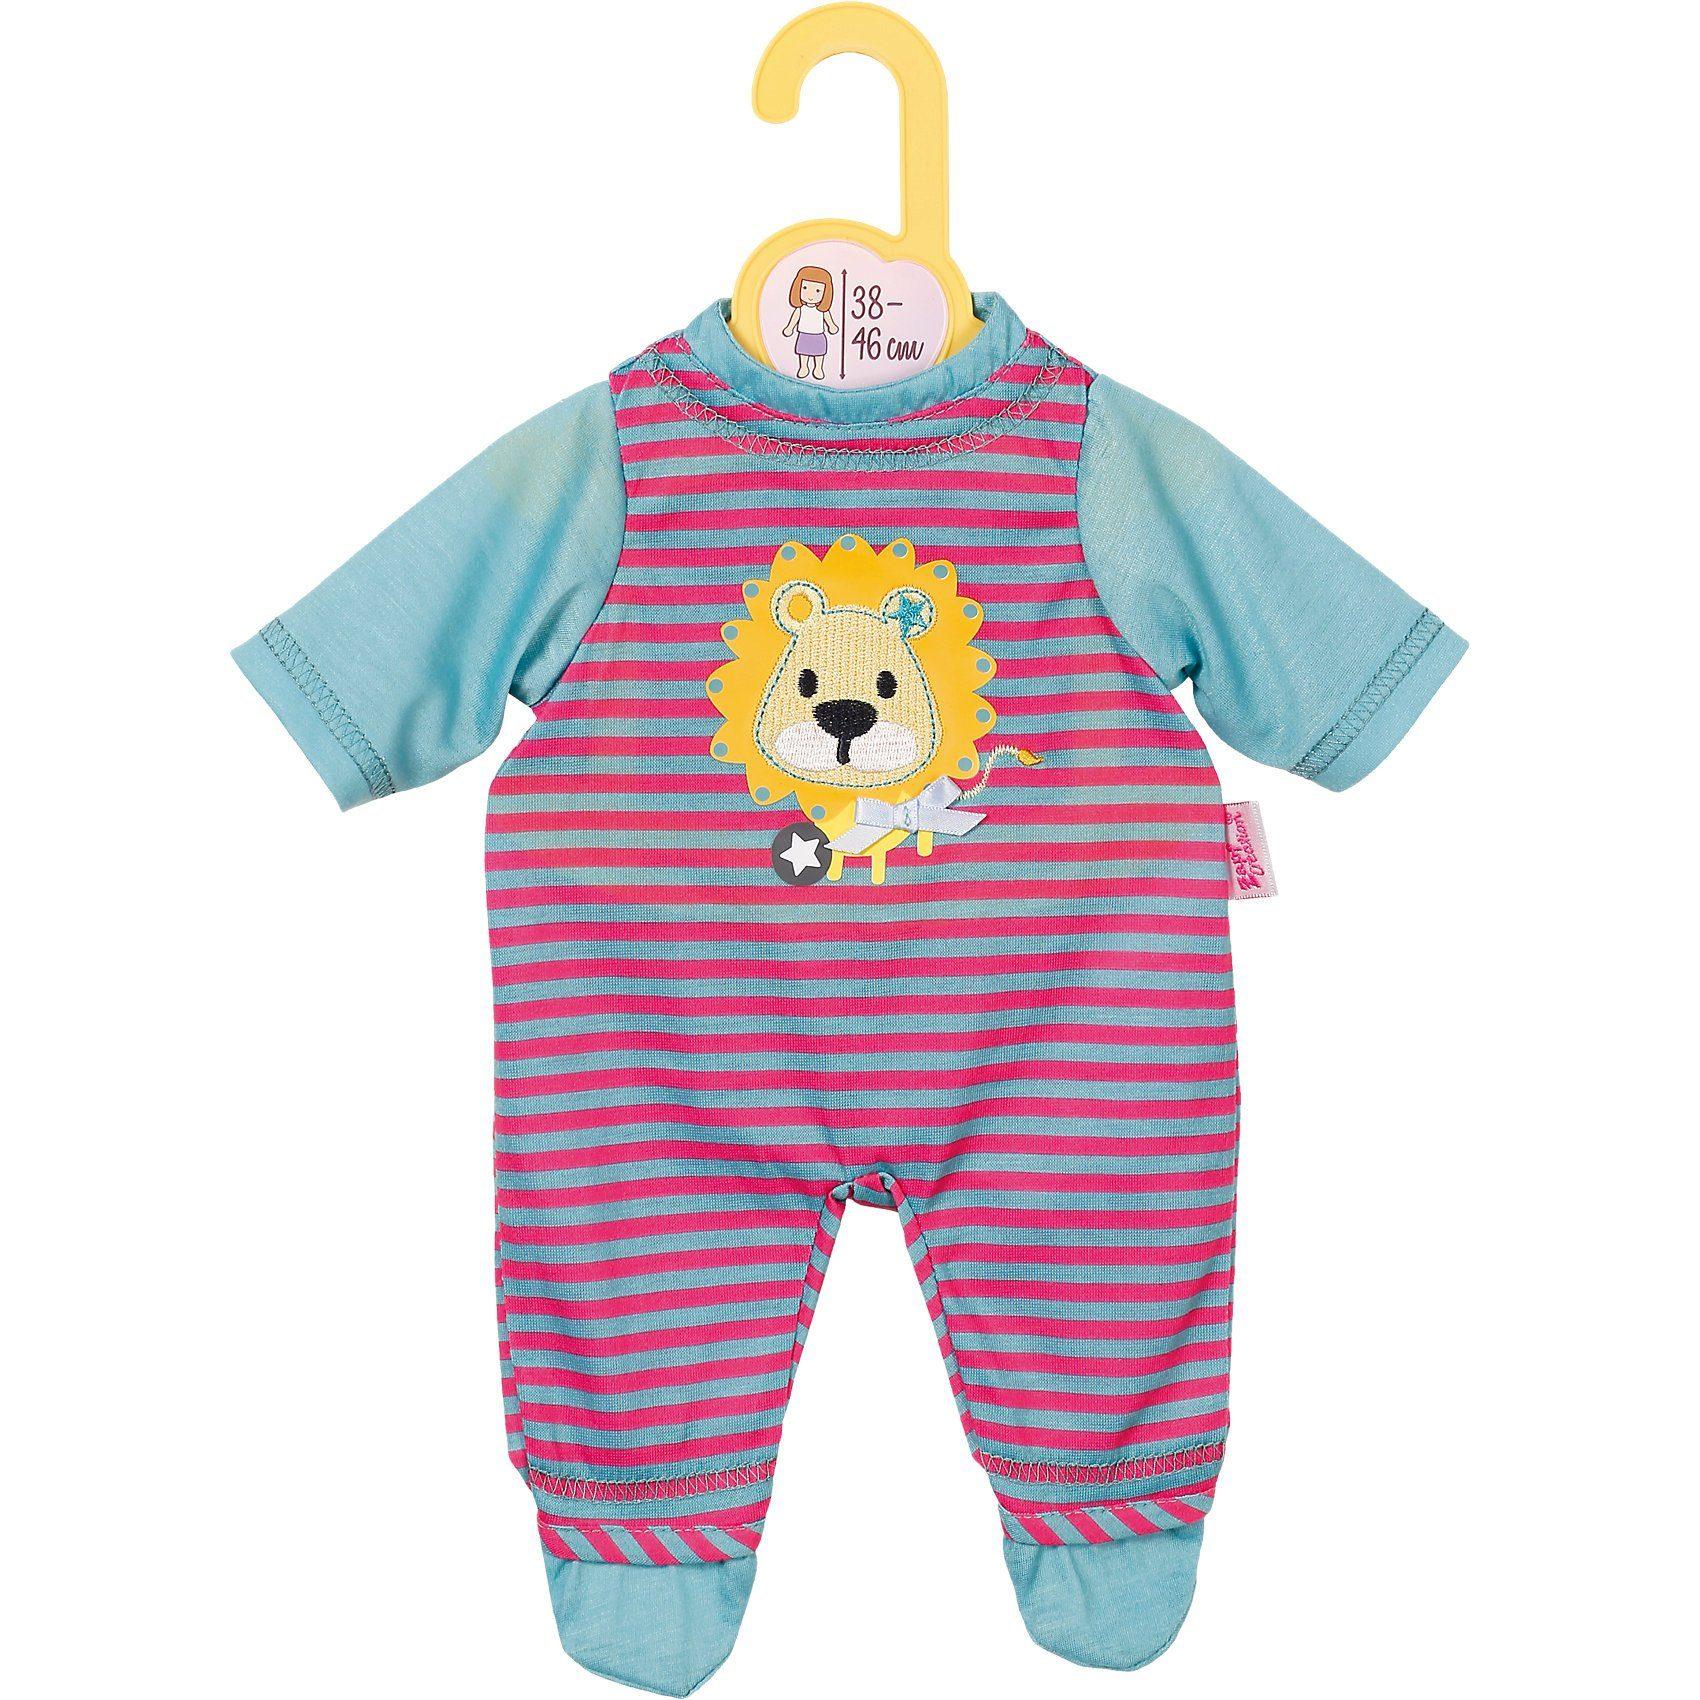 Babypuppen & Zubehör ZAPF CREATION DOLLY MODA UNTERWÄSCHE ROSA PUPPENKLEIDUNG PUPPE KLEIDUNG Puppen & Zubehör